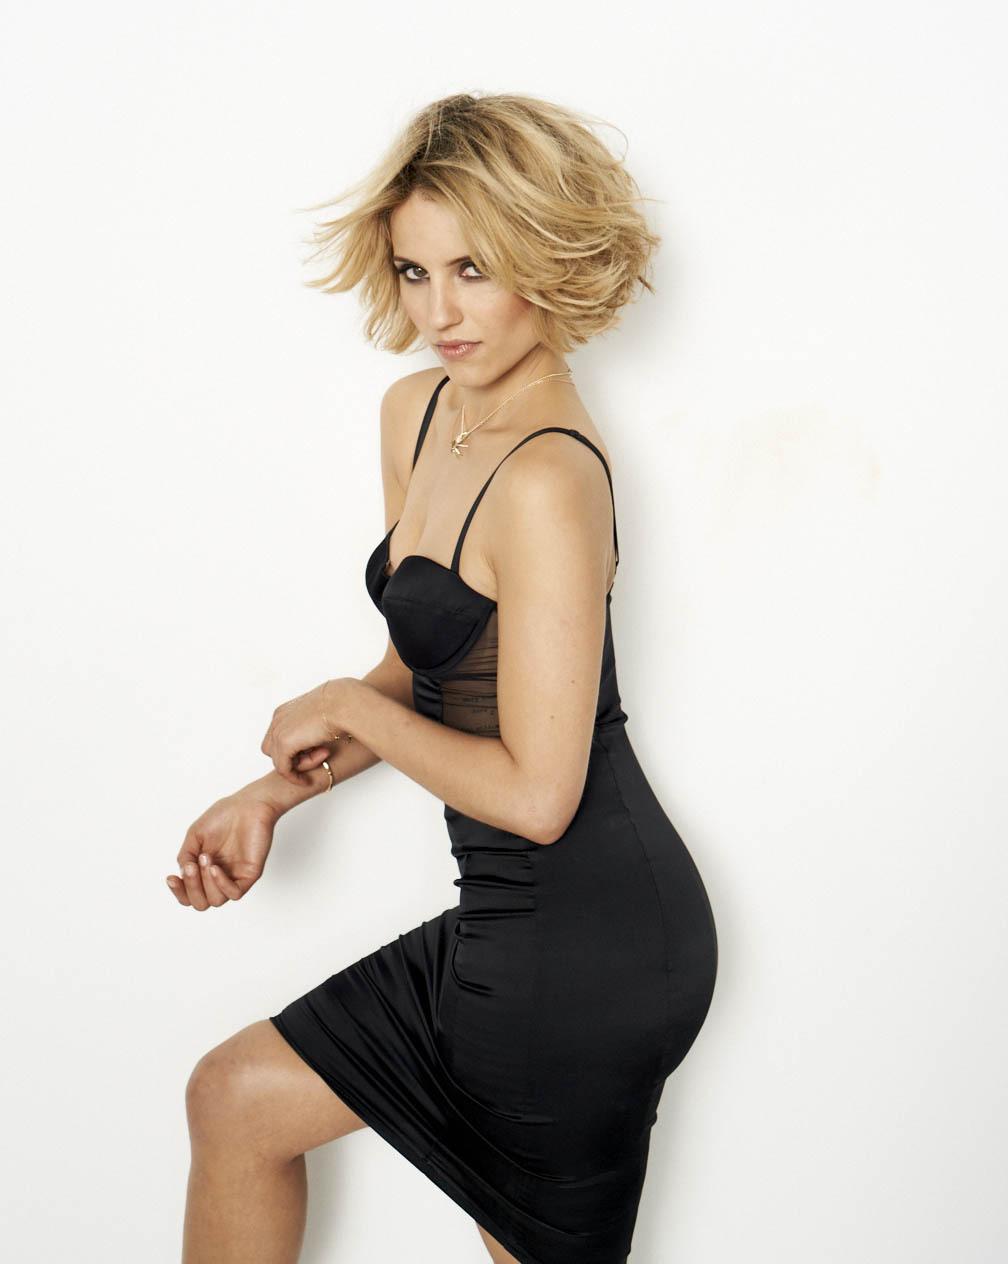 Dianna Agron New Cosmo Photoshoot - Dianna Agron Photo (22617432 ...